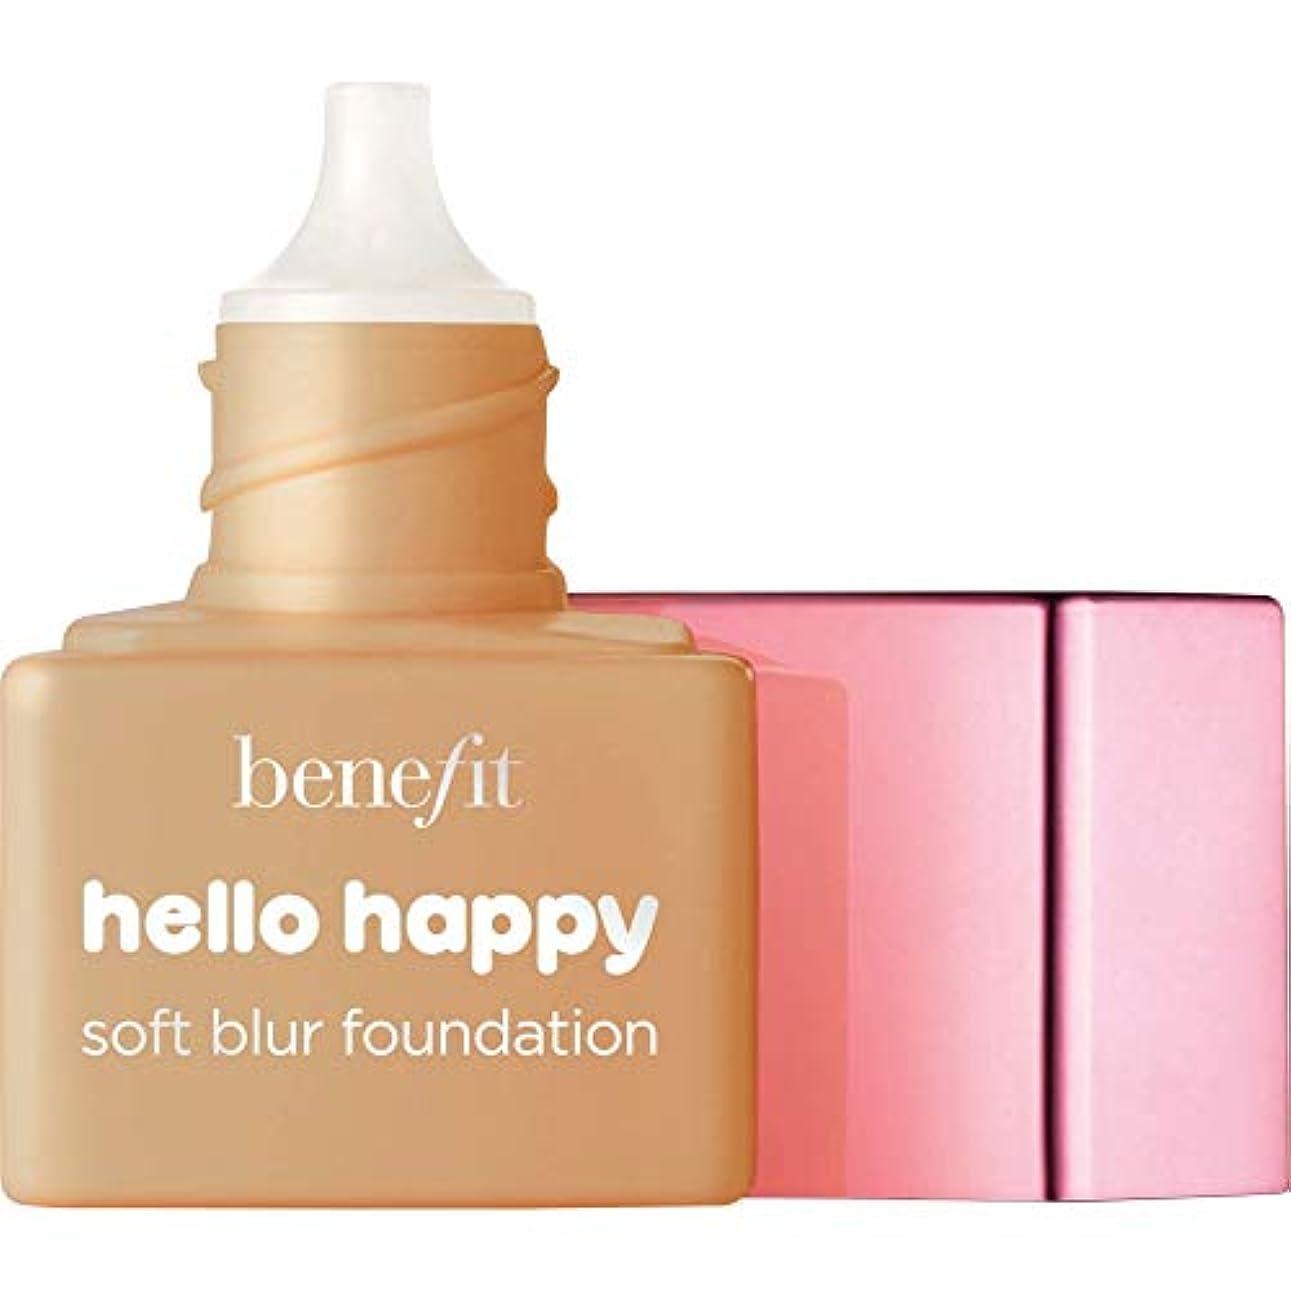 要求するモス締め切り[Benefit] ミニ6 - - こんにちは幸せソフトブラー基礎Spf15の6ミリリットルの利益温培地 - Benefit Hello Happy Soft Blur Foundation SPF15 6ml - Mini...